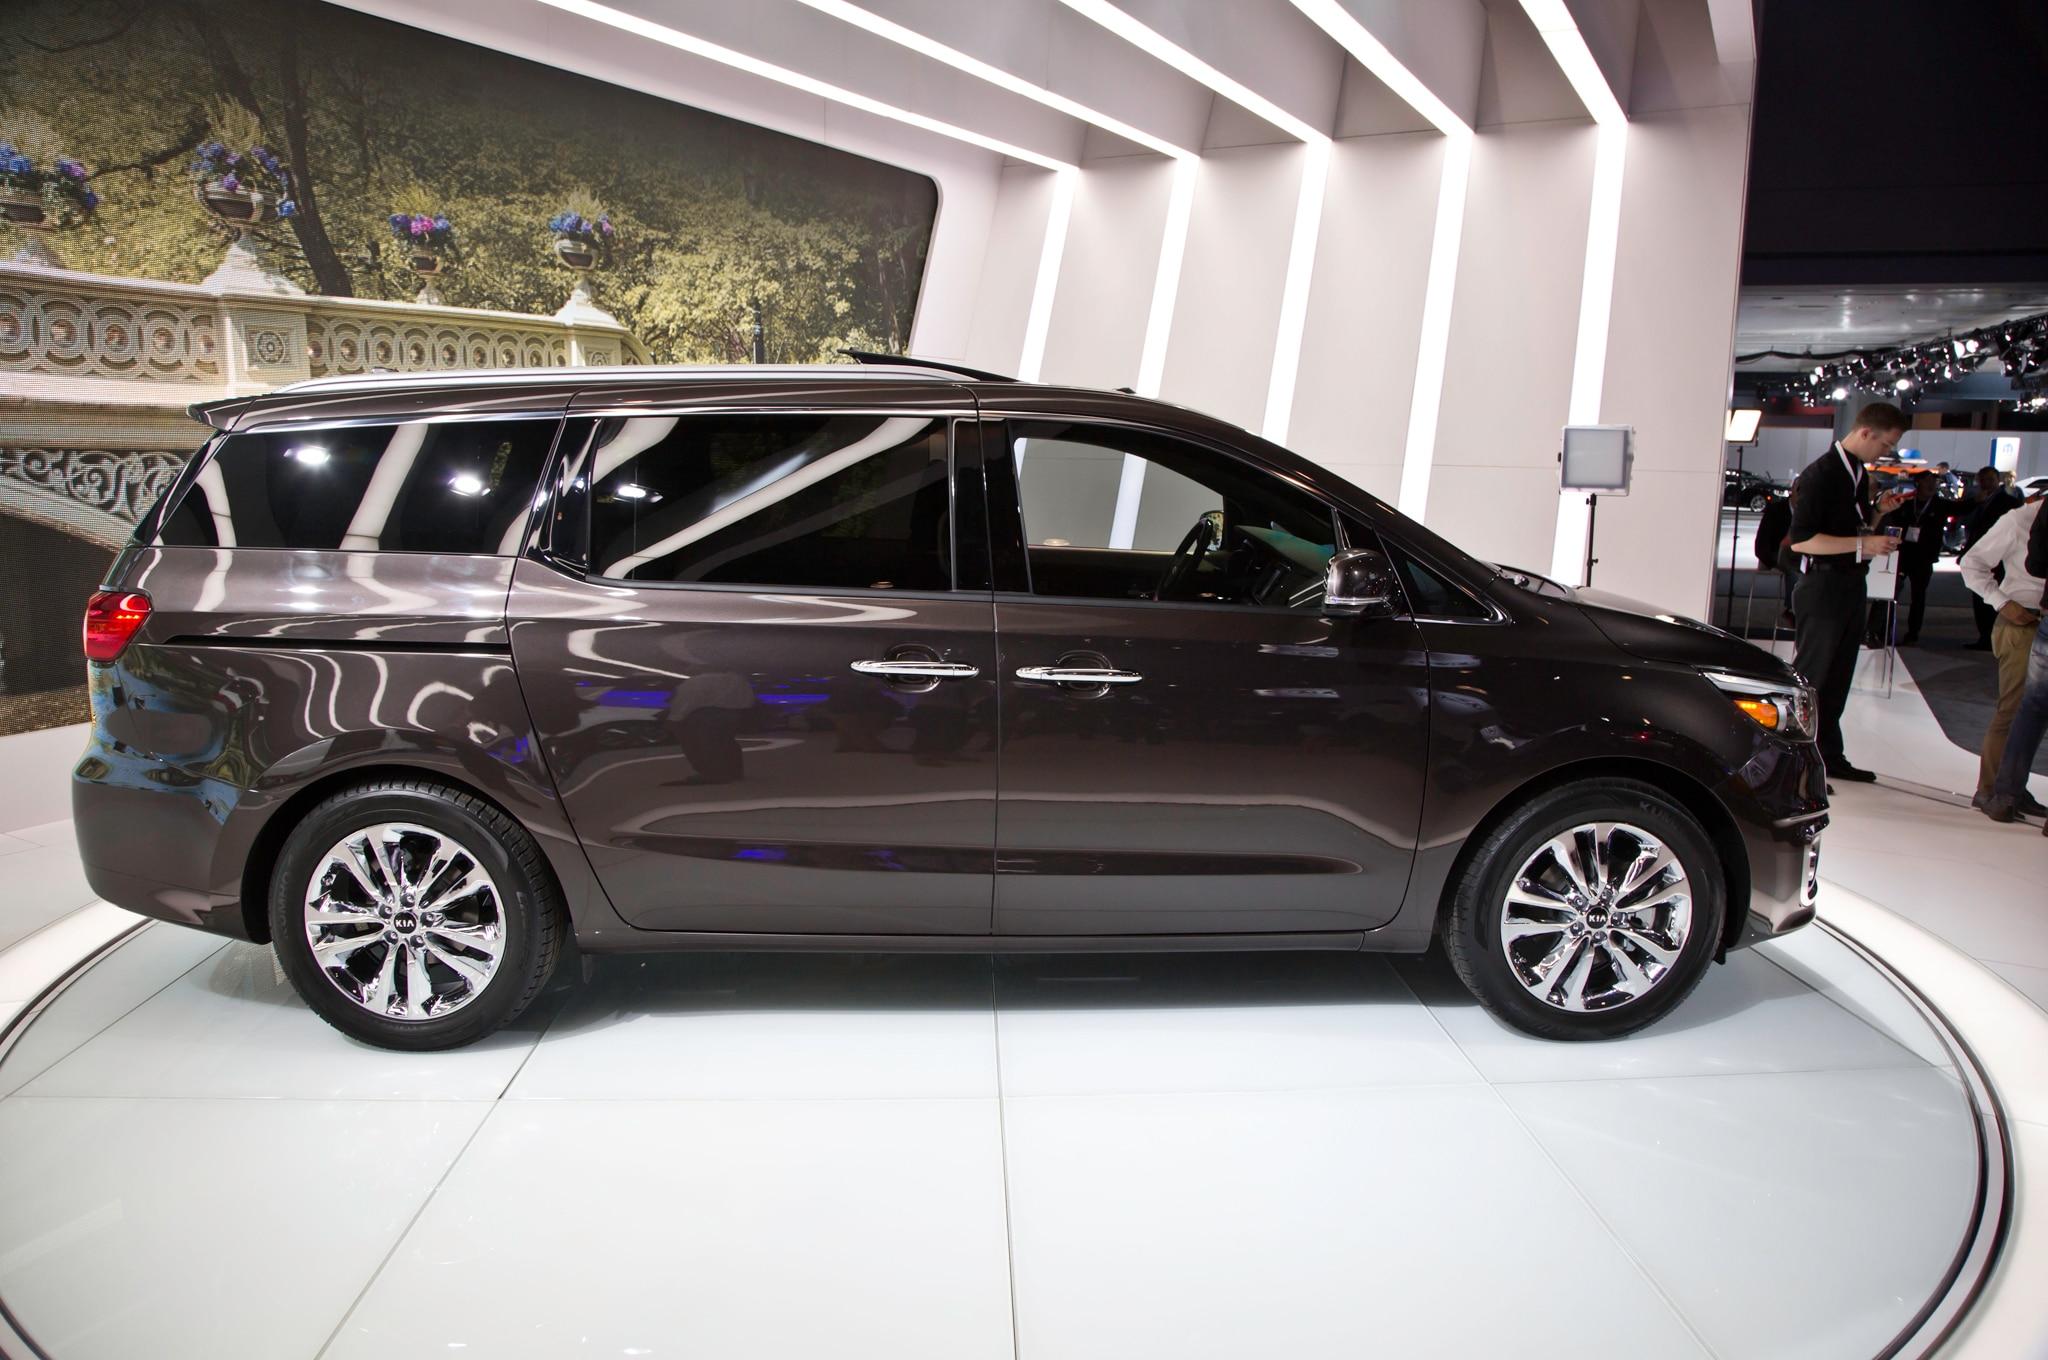 2015 Kia Sedona Pricing Fuel Economy Announced